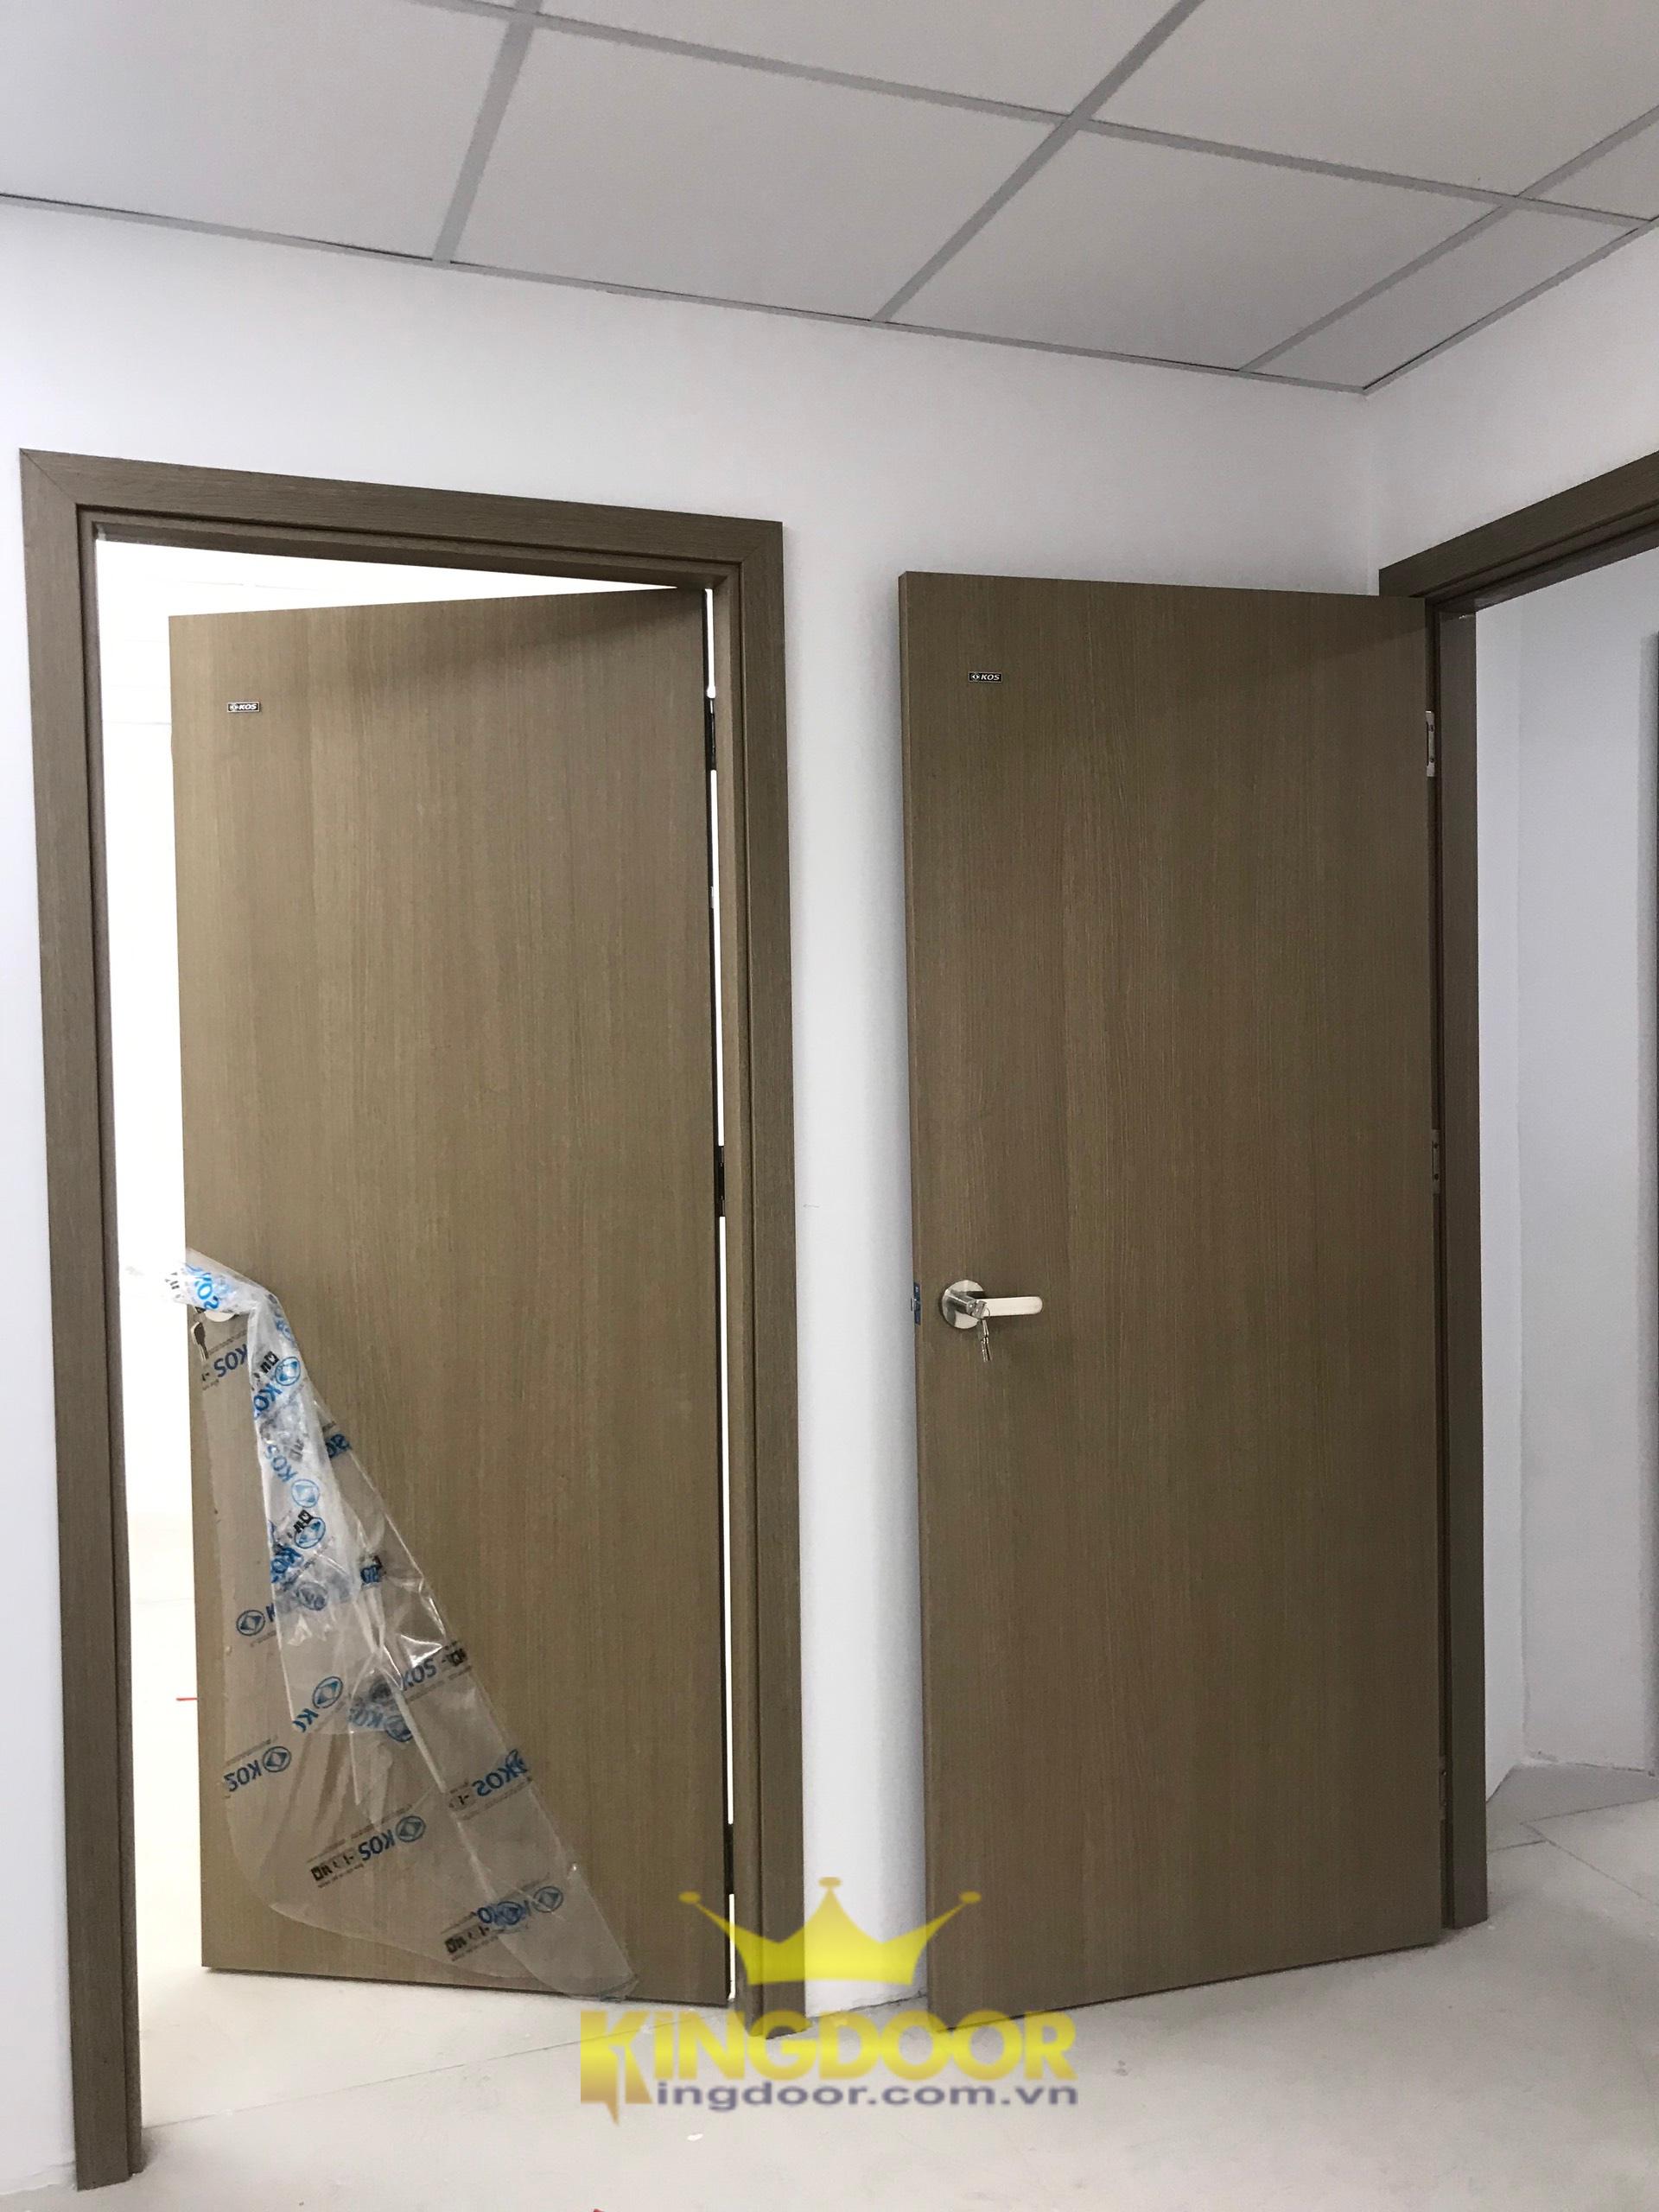 Mẫu cửa nhựa Hàn Quốc được lắp đặt tại phòng khám đa khoa Nha Trang.